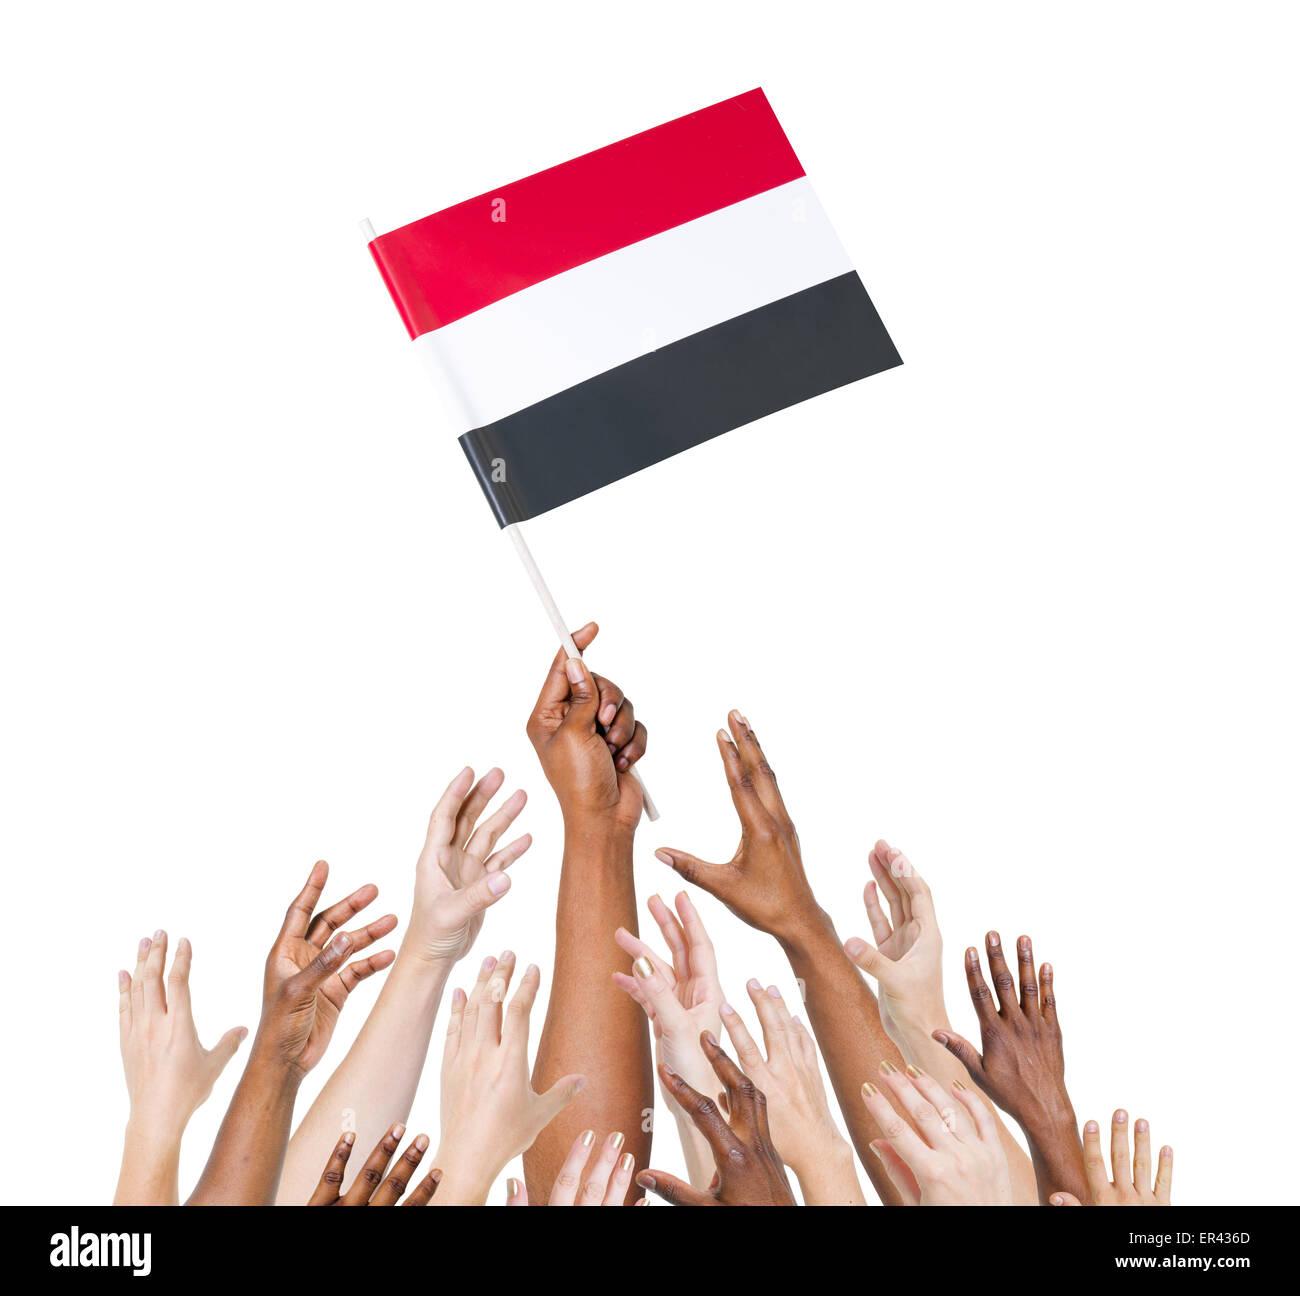 Human hand holding Yemen flag among multi-ethnic group of people's hand - Stock Image